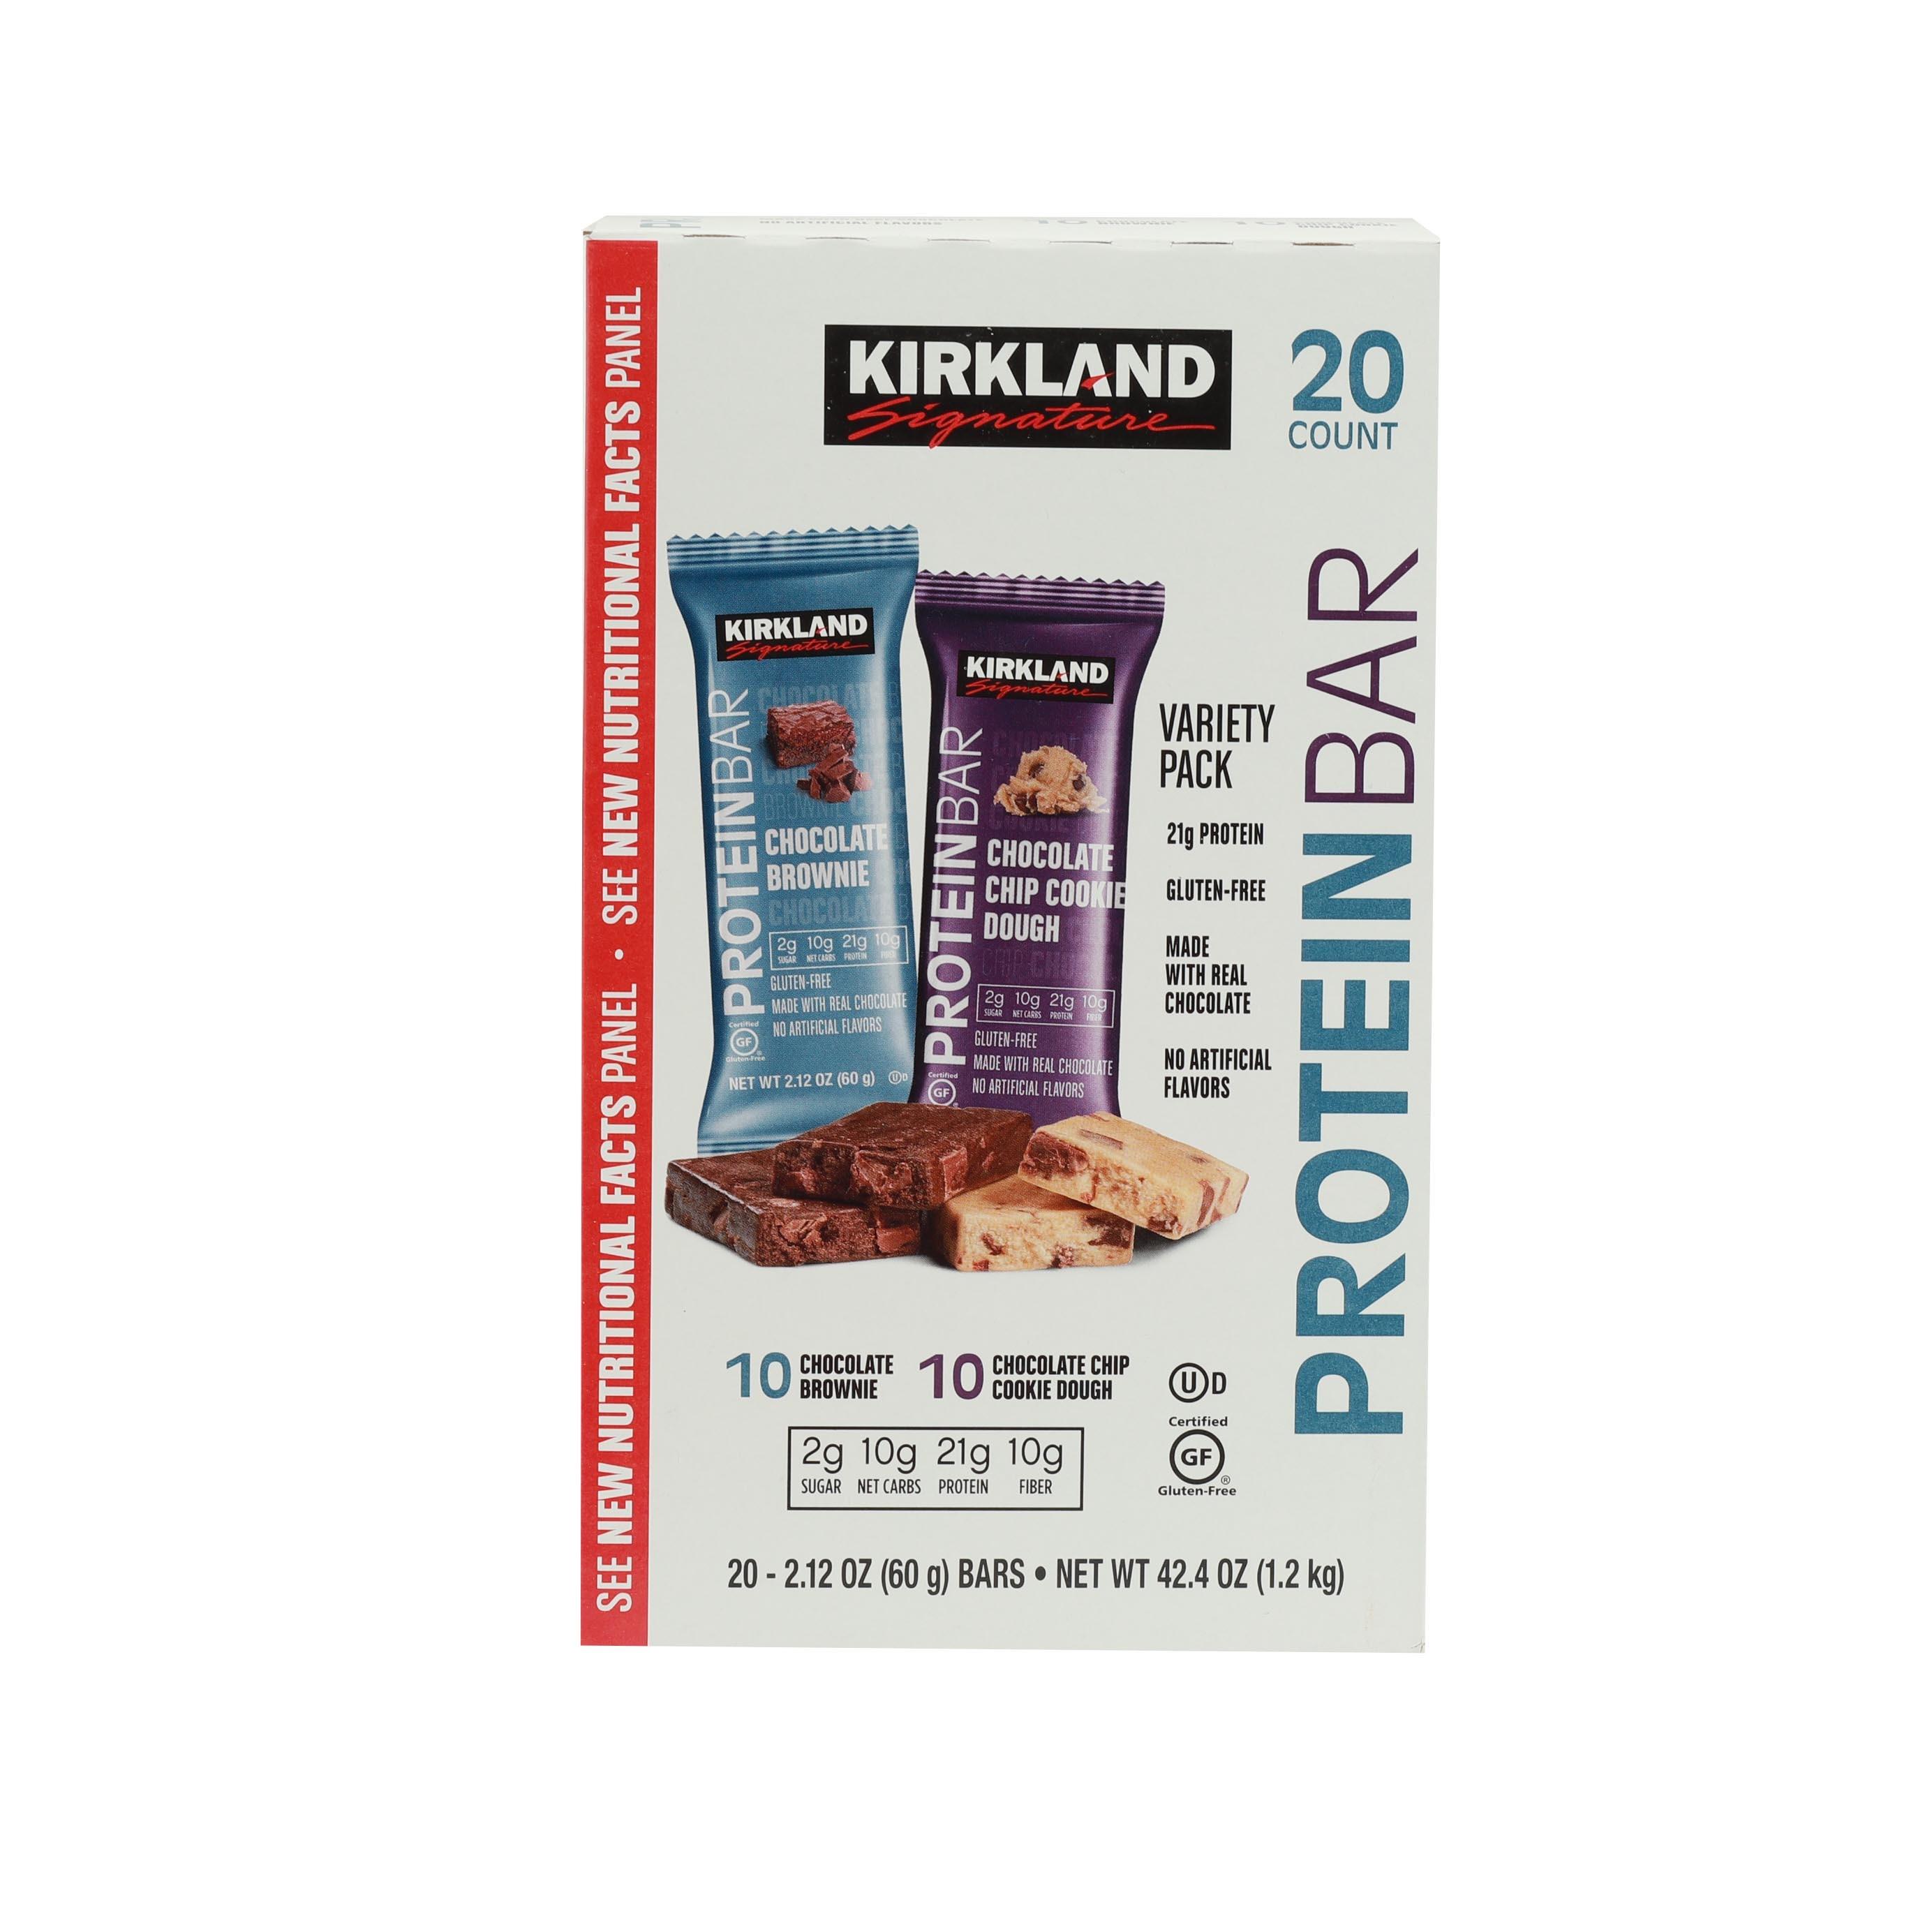 커클랜드시그니춰 프로틴 바 60g, 초콜릿 브라우니 + 칩 쿠키 도우, 20개입